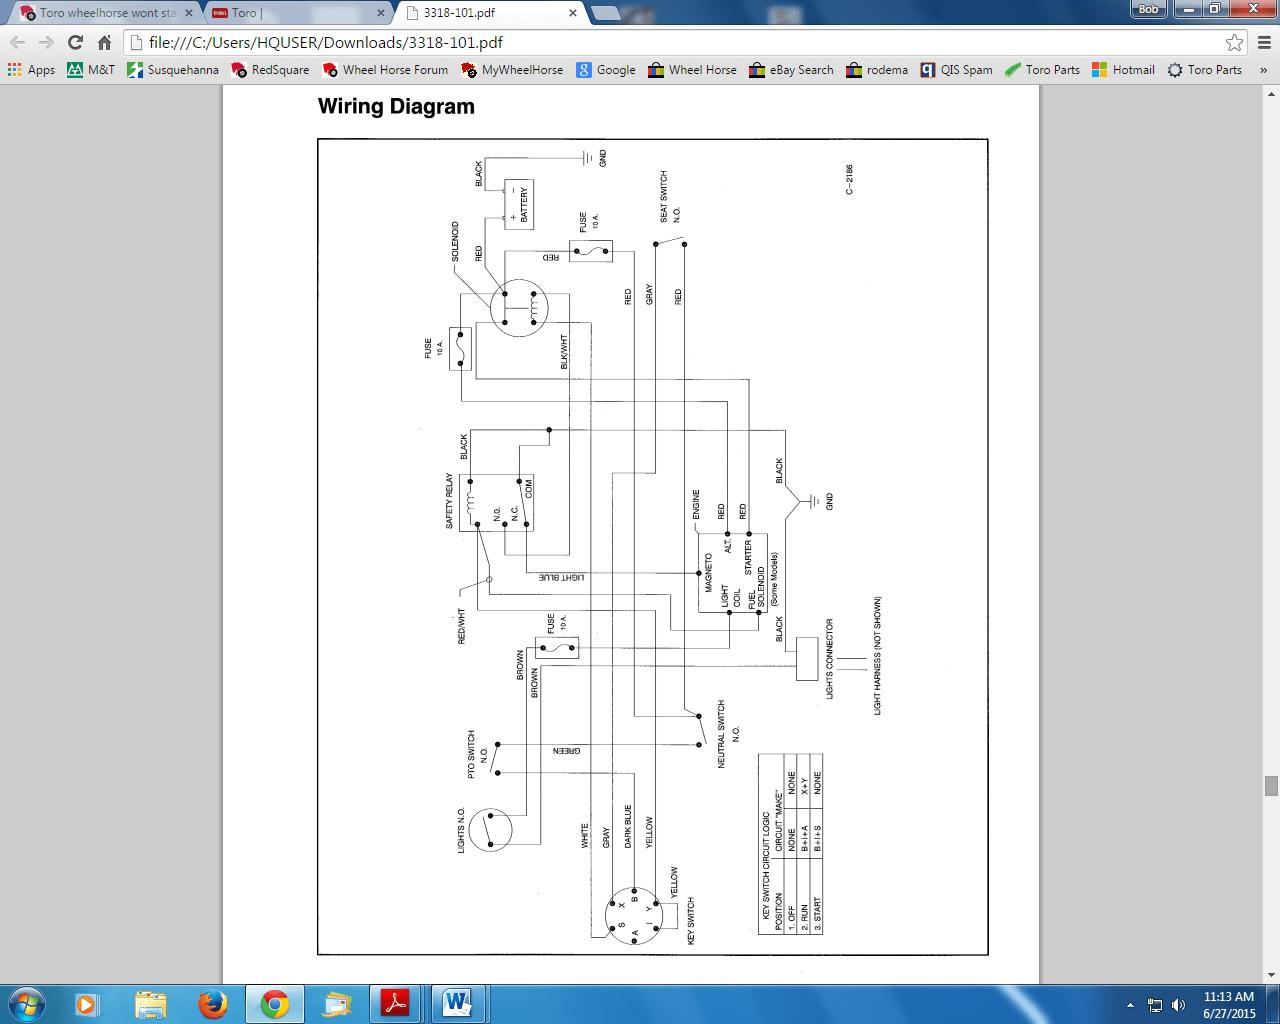 Wheel Horse Wiring Diagram Post 33 0 27725700 1388794750 thumb 16 44 Wiring D2hlZWwgaG9yc2Ugd2lyaW5nIGRpYWdyYW0g